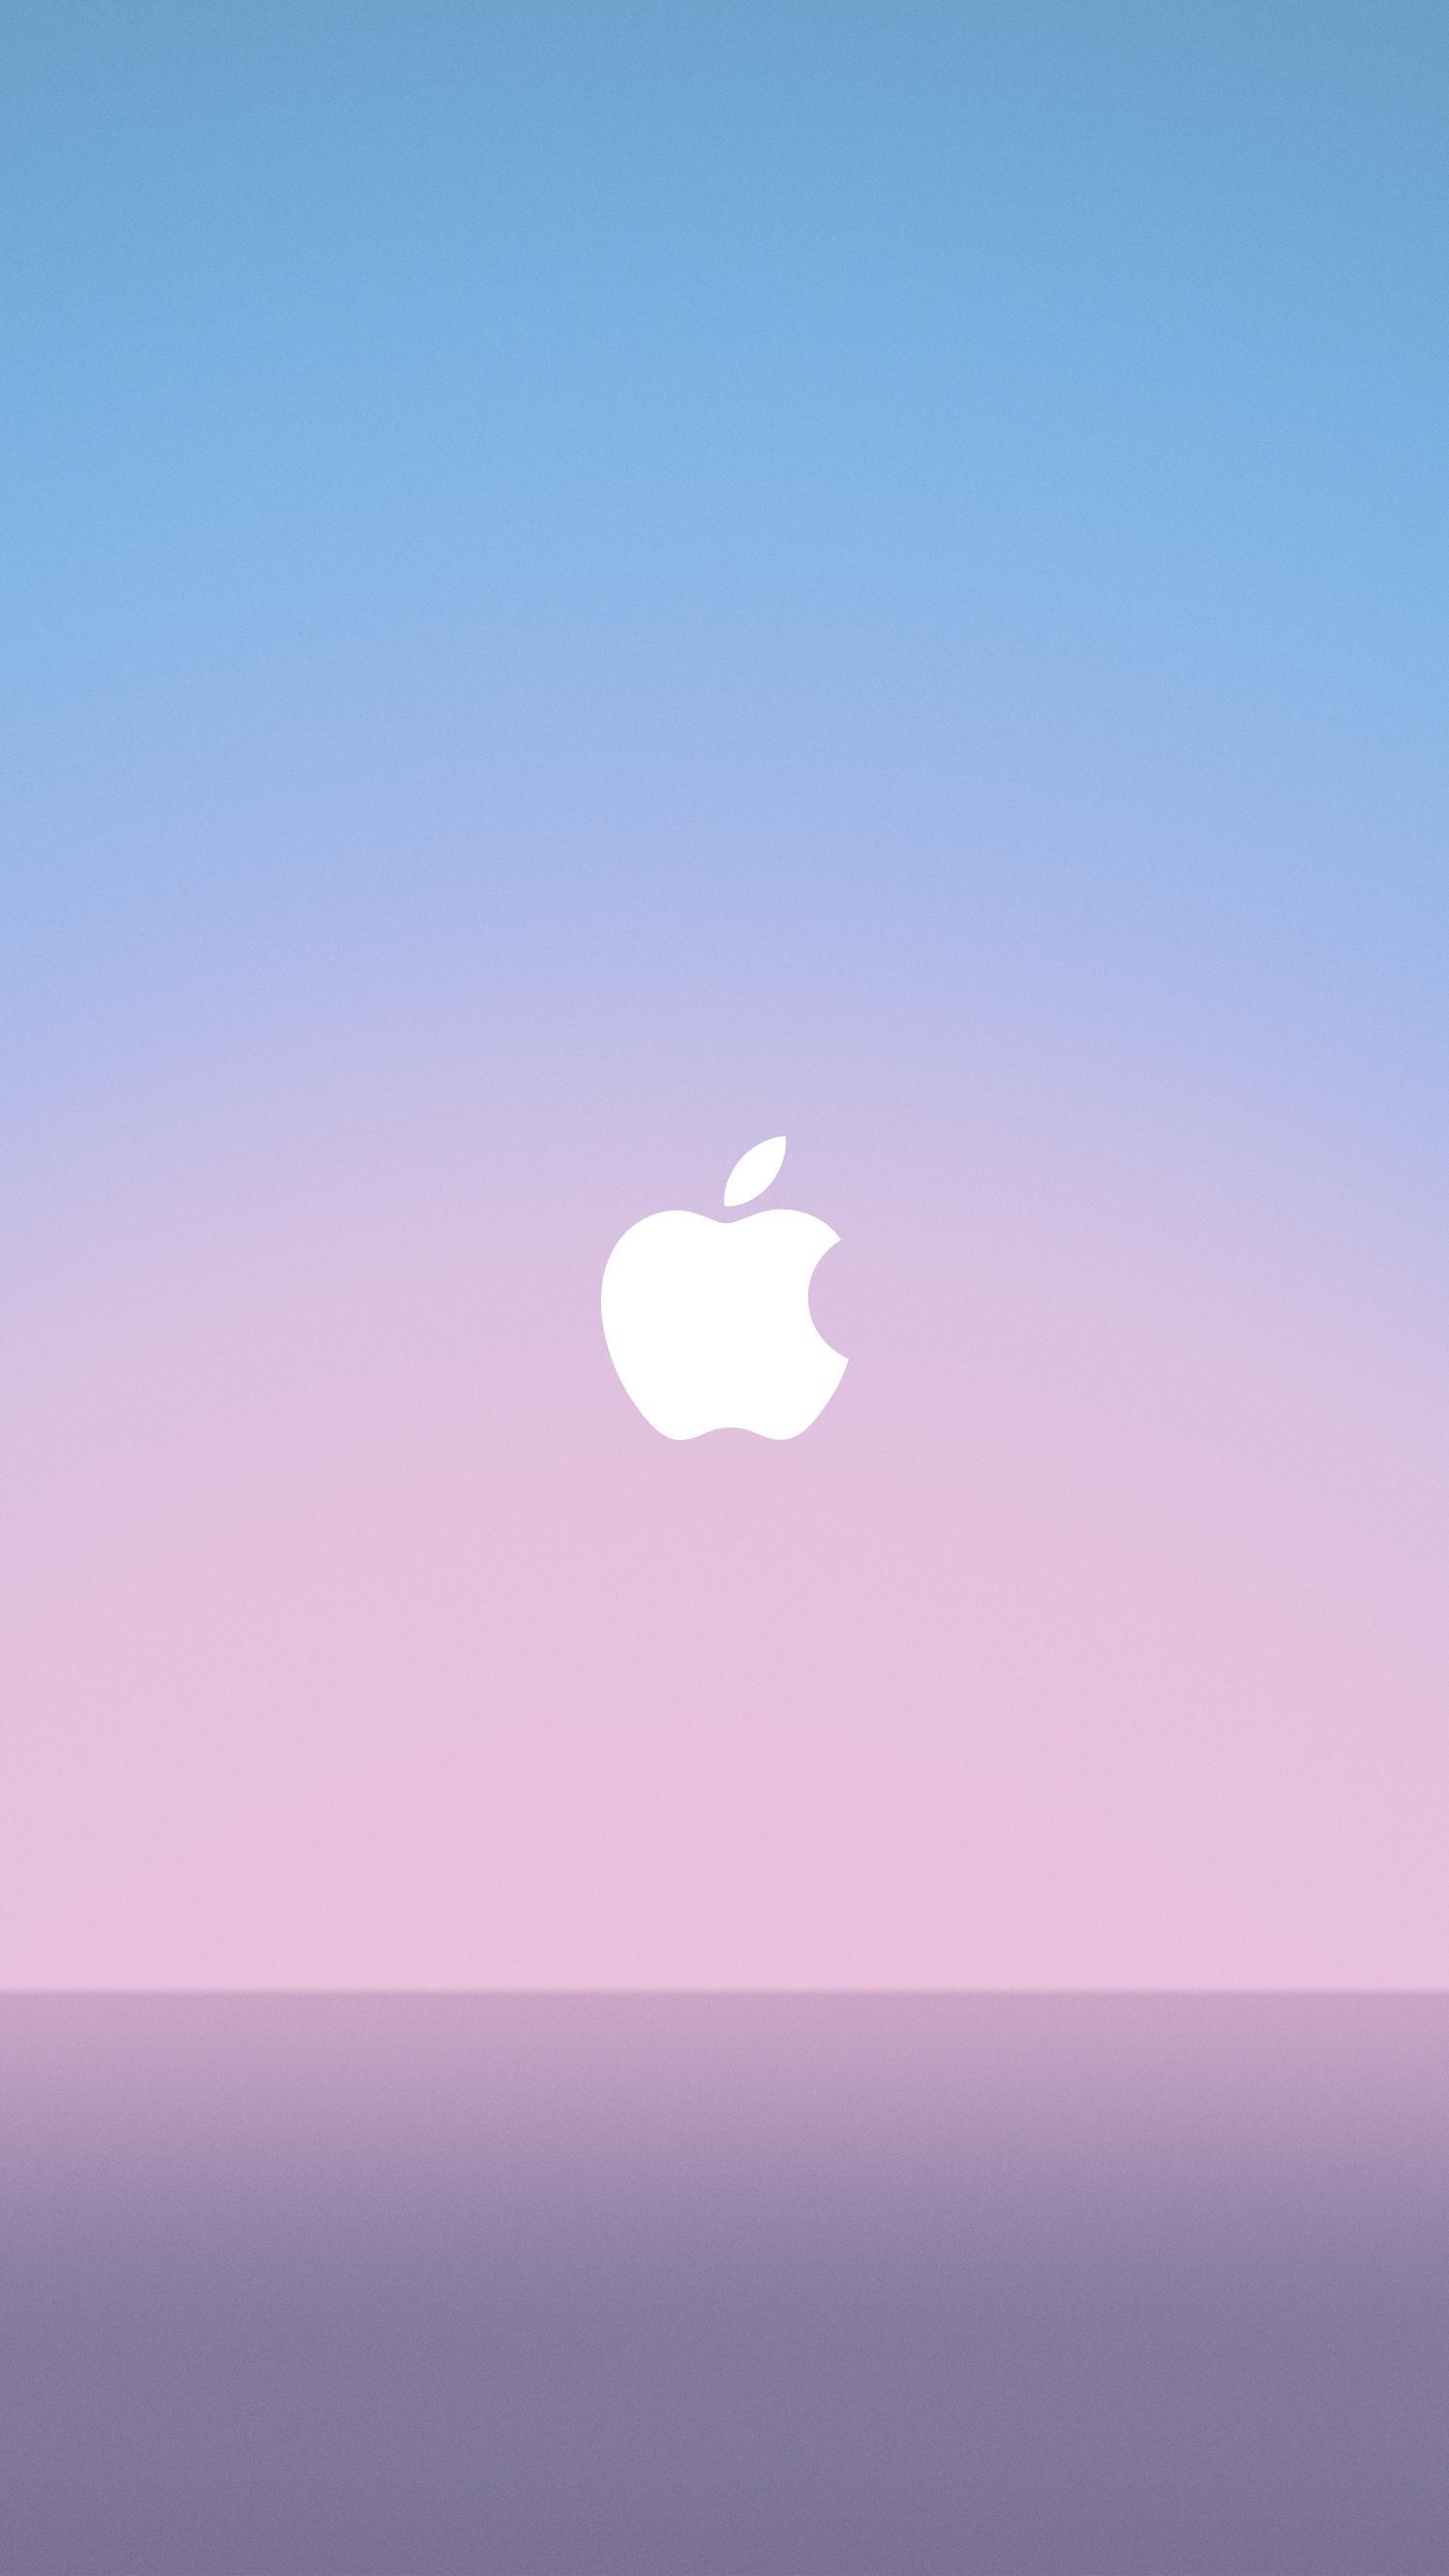 3929086560e Wallpaper de la semana #92: Apple Watch - iPaderos